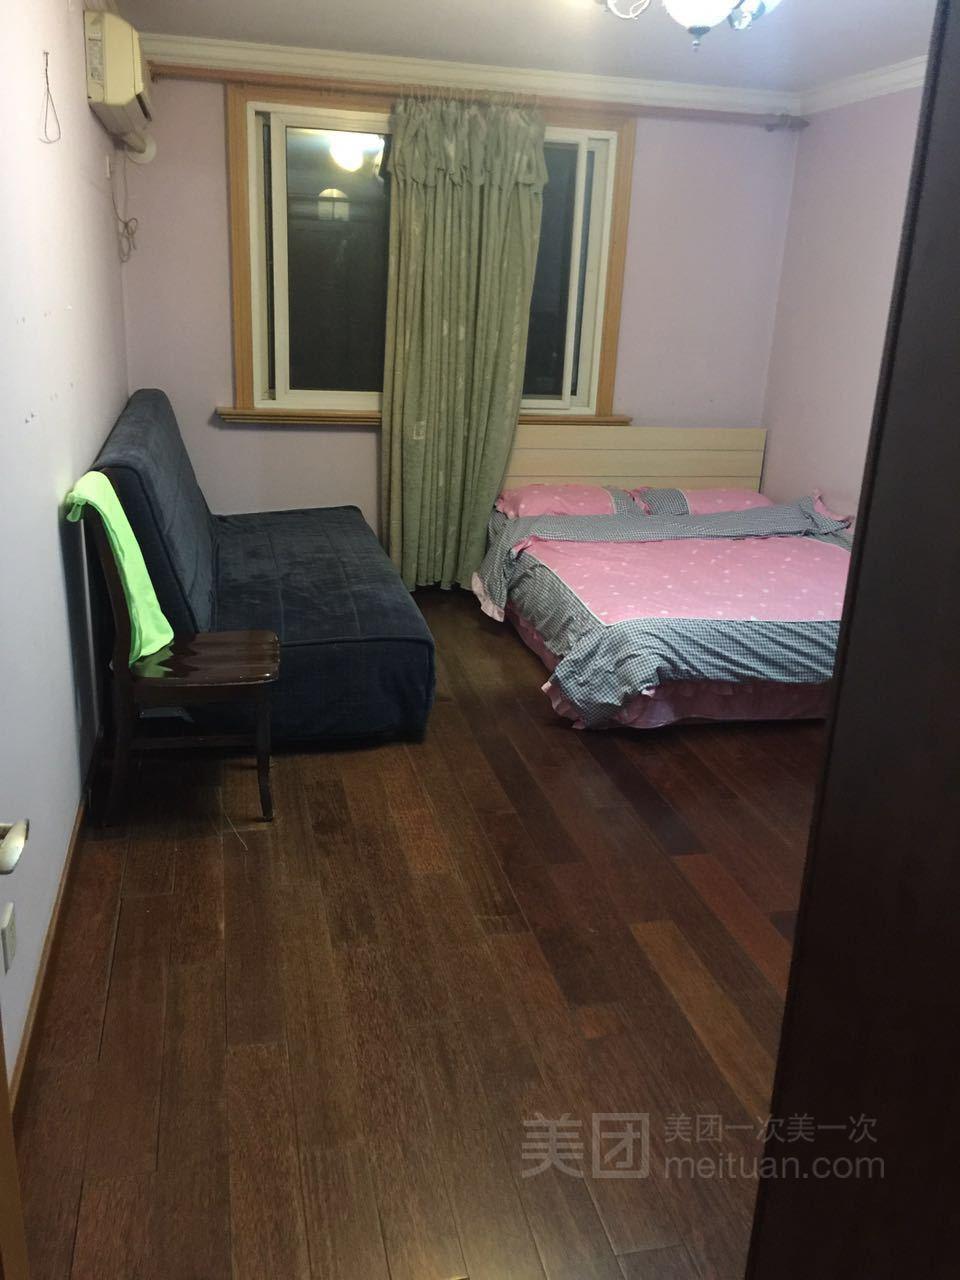 有家公寓(北苑路北店)预订/团购